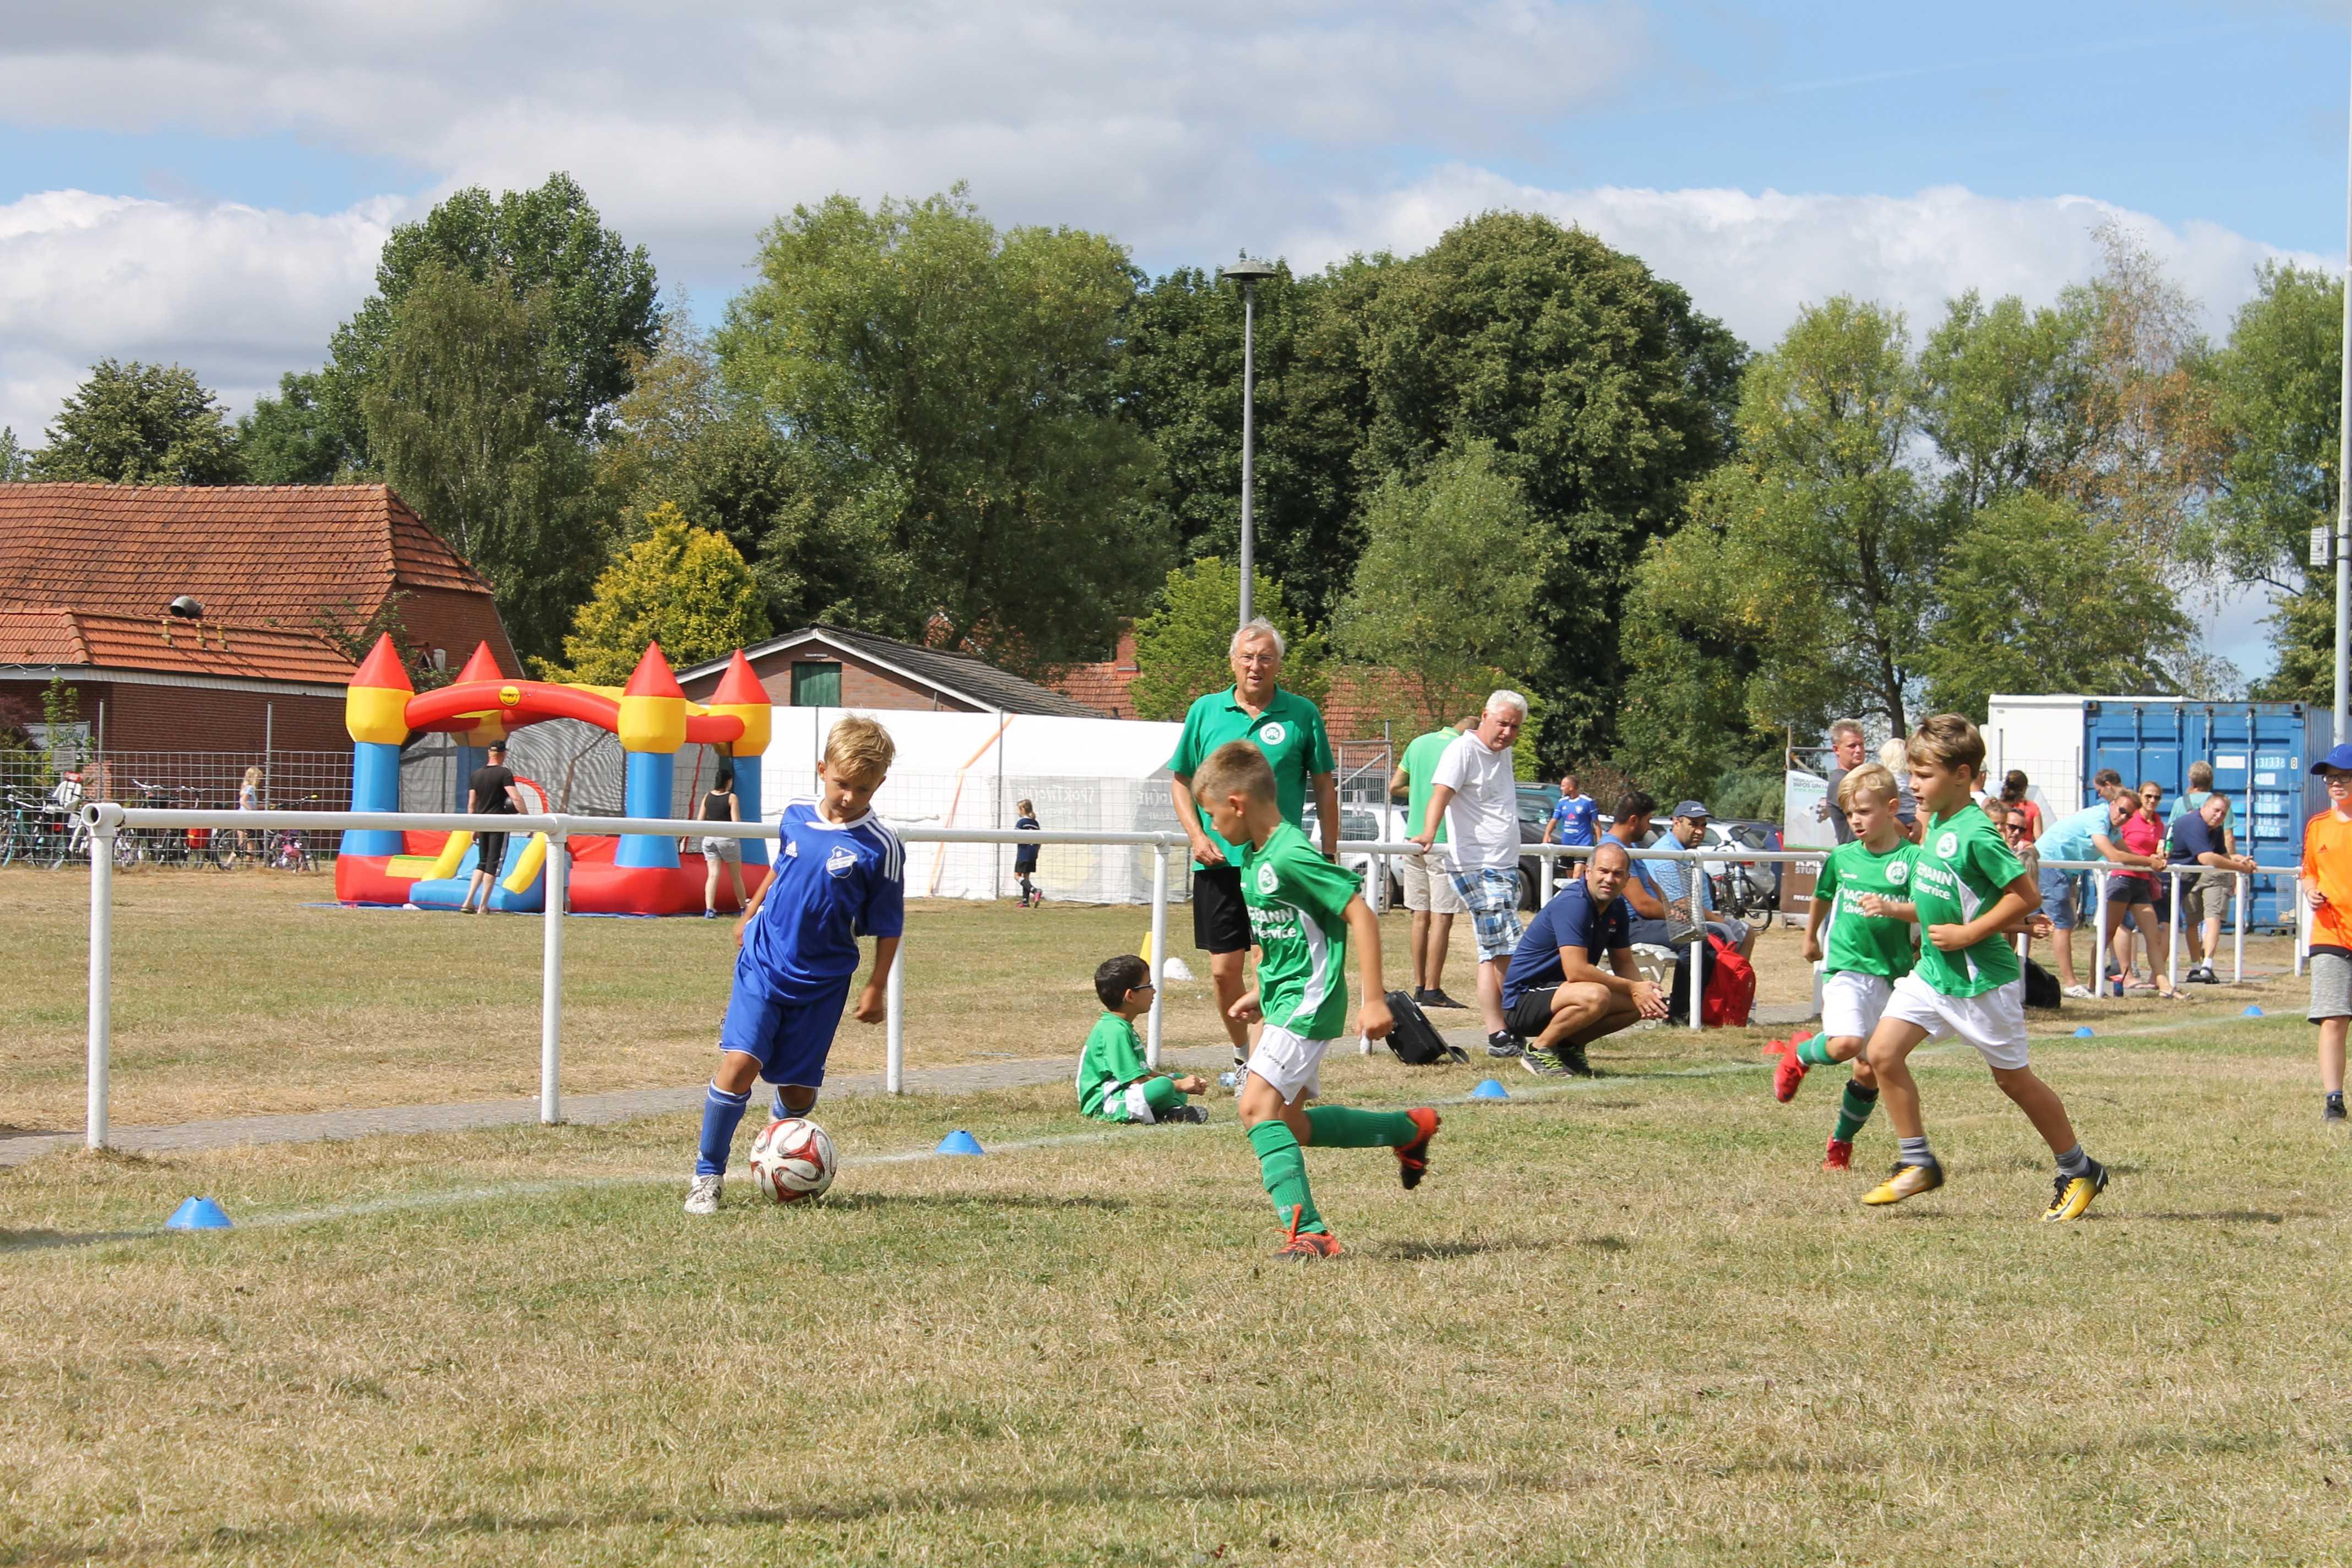 2018-08-05 Sportwoche - Jugendtag (6)